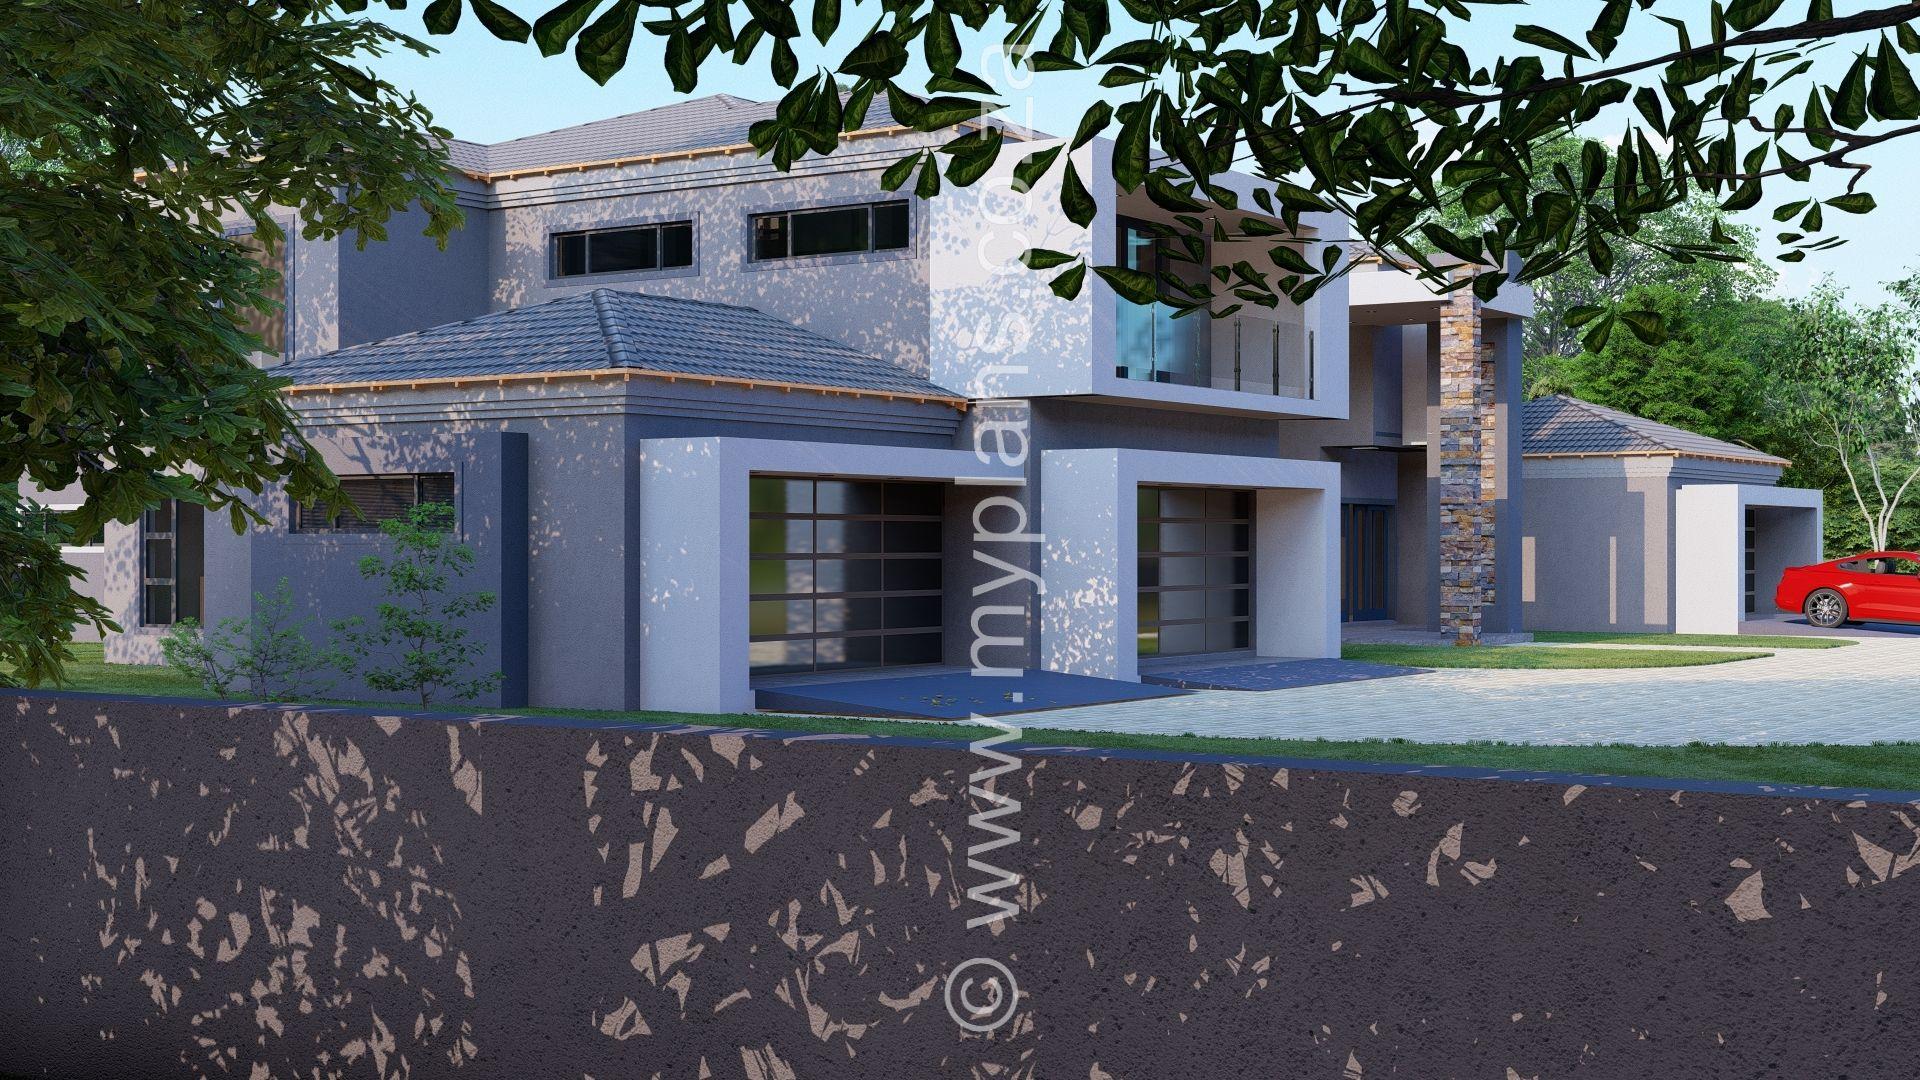 6 Bedroom House Plan Mlb N01 6 Bedroom House Plans House Plans South Africa House Plans